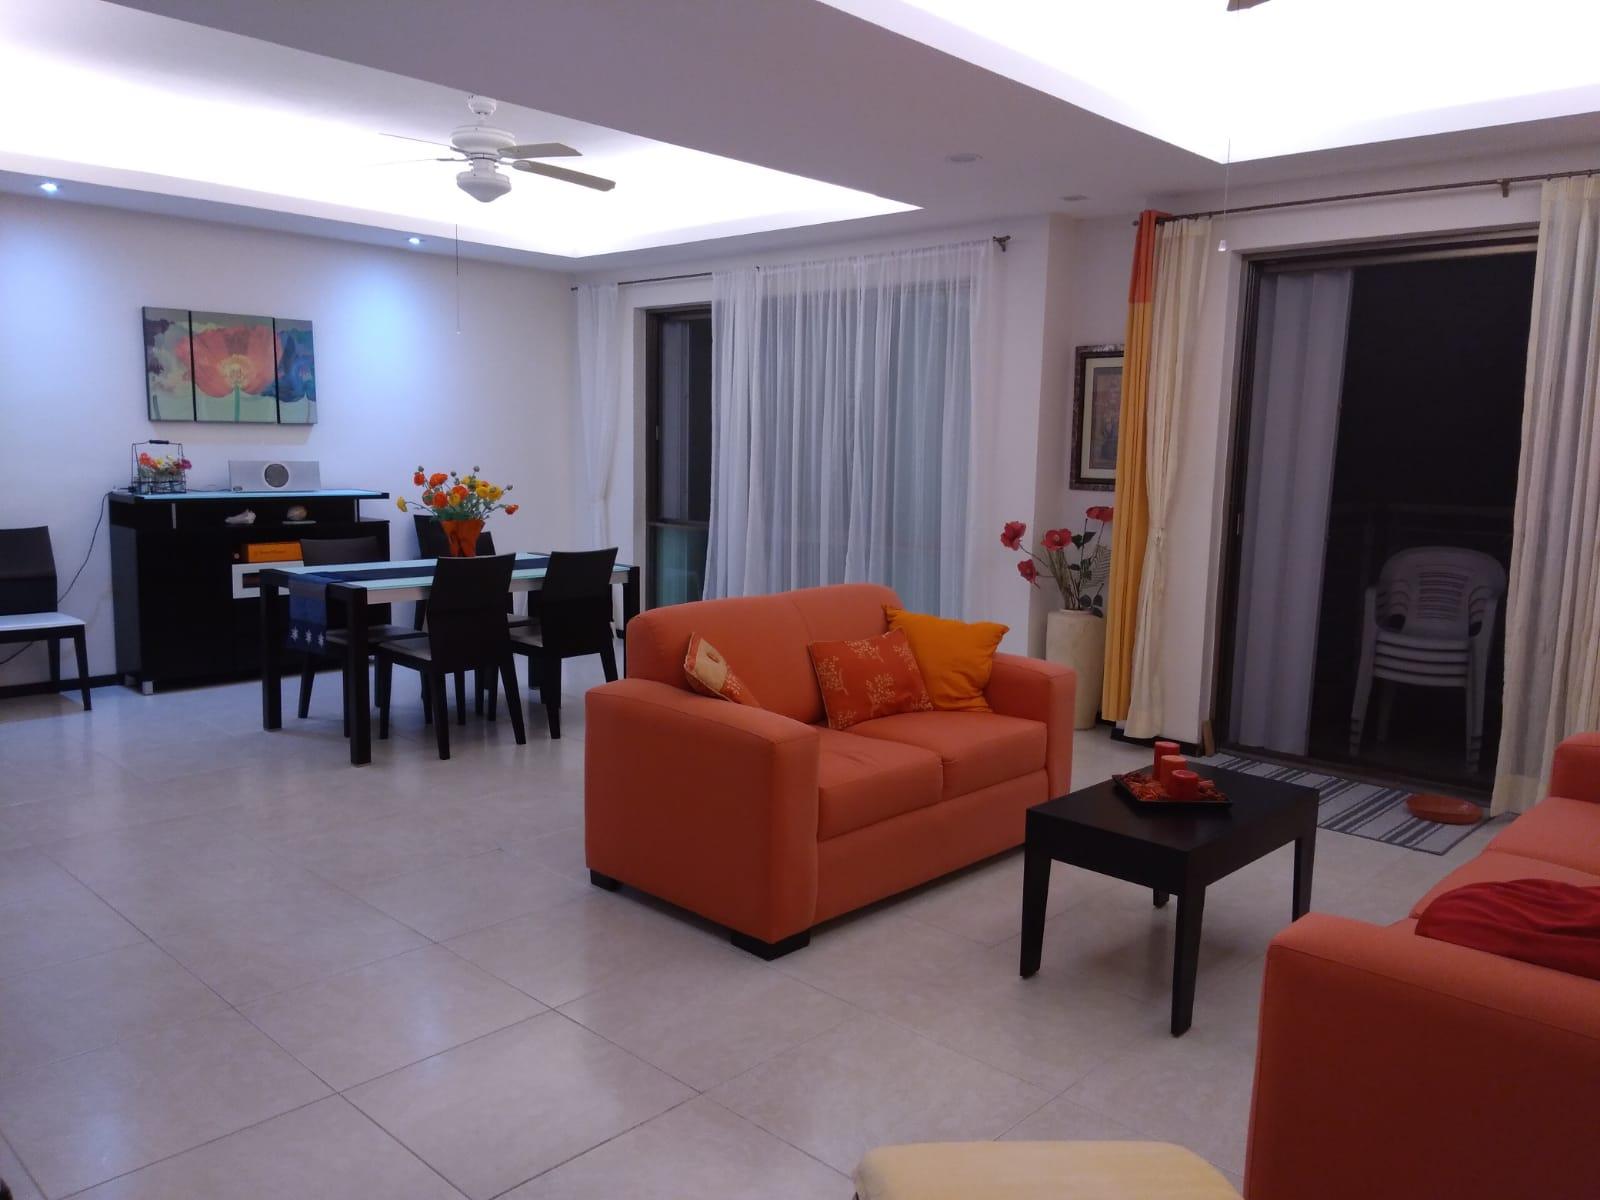 Departamento en SM 16, Cancún, Q. R.